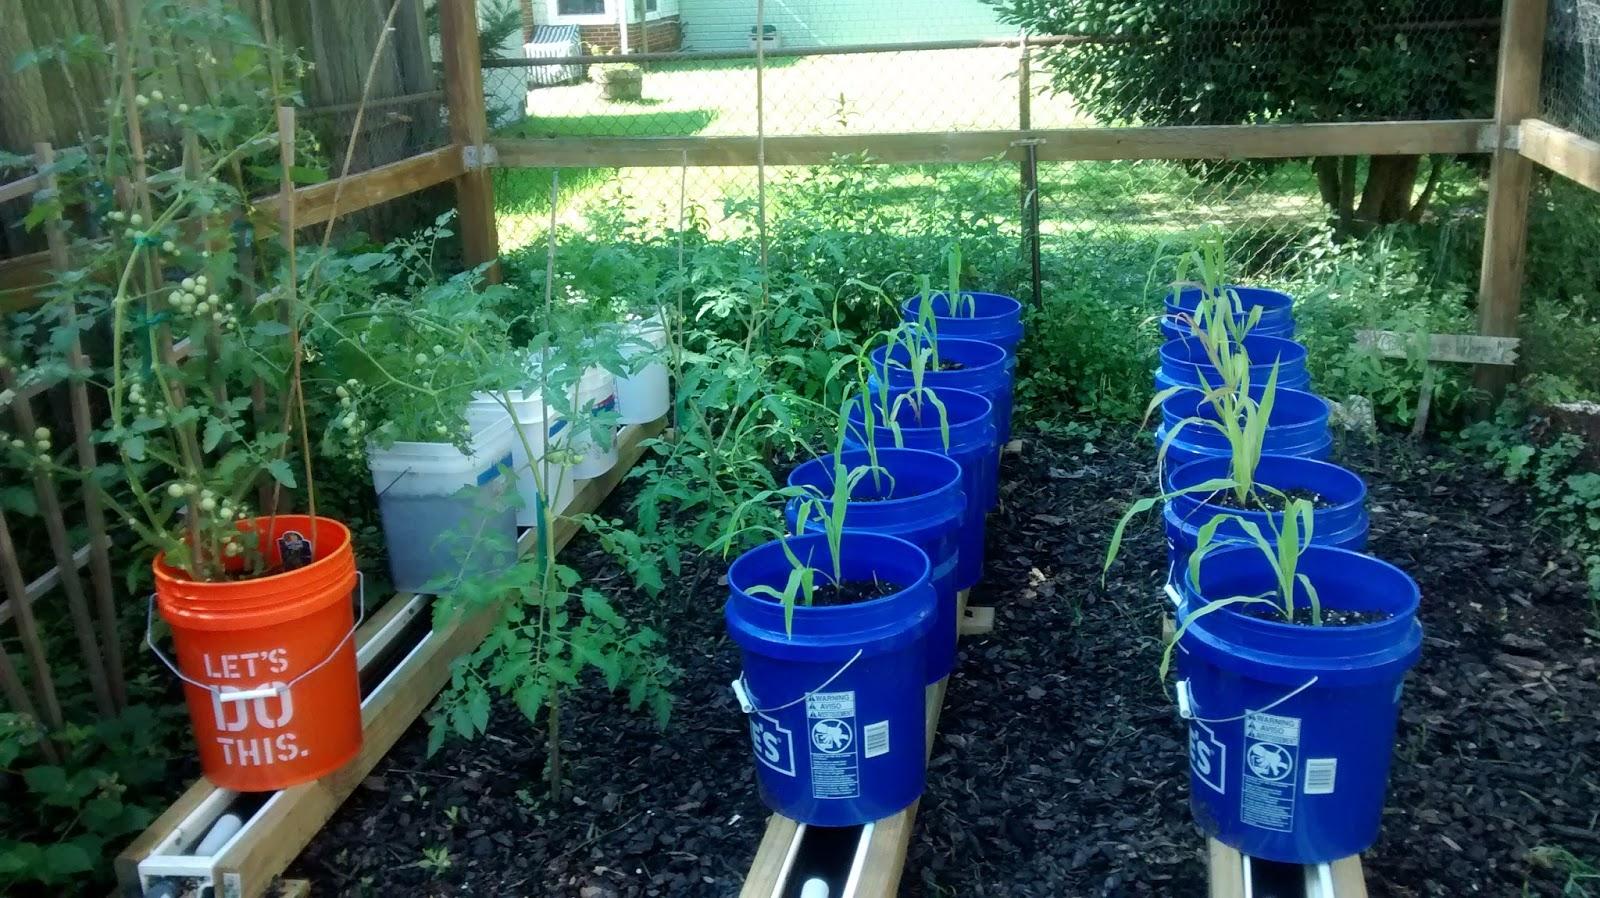 Rain Gutter Grow System Update Maryland Grows